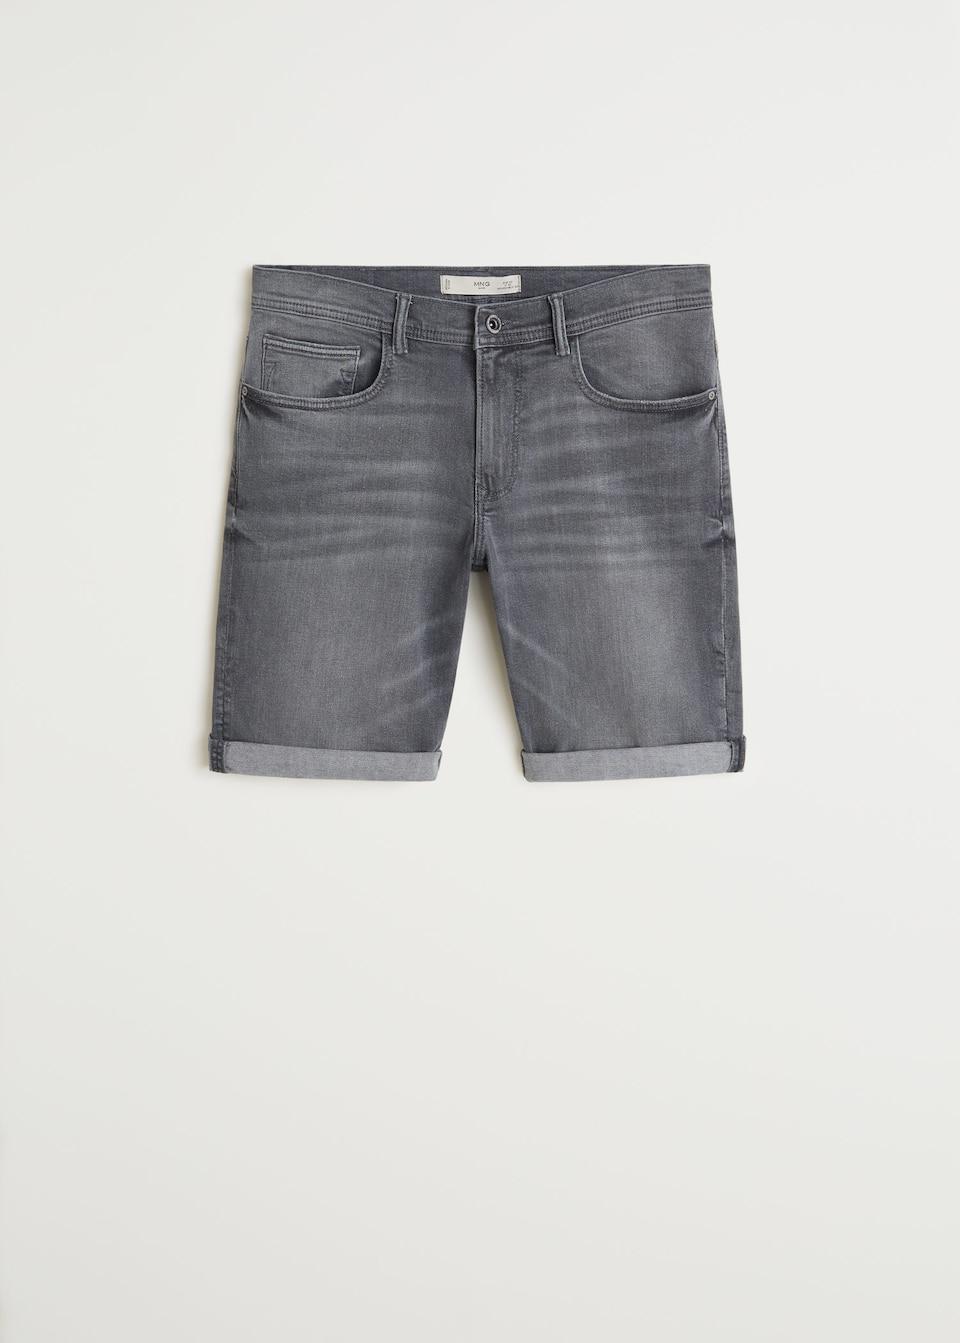 pantaloni scurți de denim)